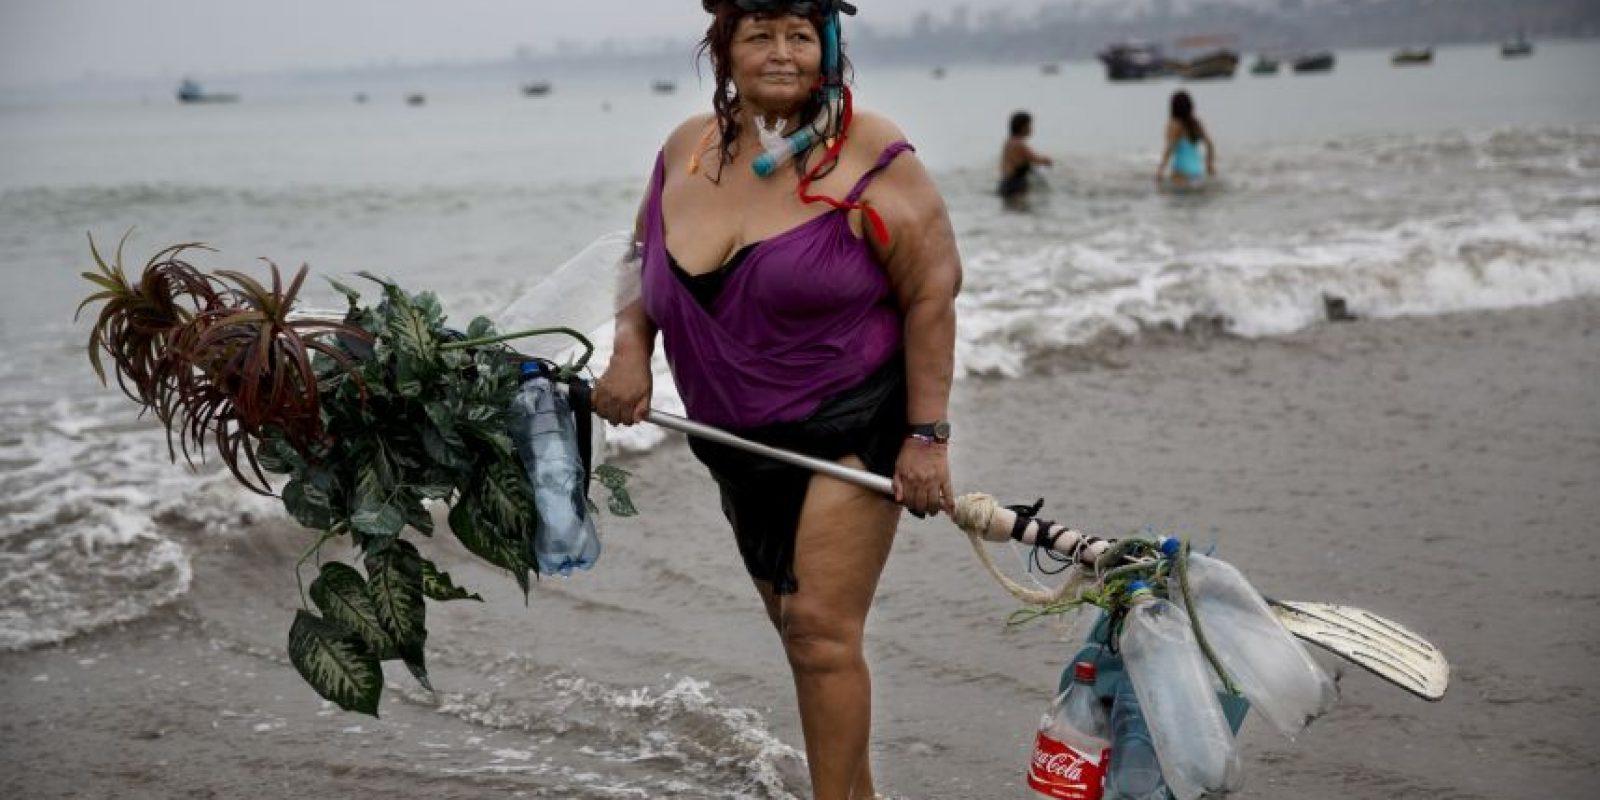 En esta imagen, tomada el 7 de mayo de 2015, Graciela Meneses posa para una foto en la playa Pescadores sosteniendo un flotador fabricado por ella, decorado con plantas falsas de plástico, tras nadar en aguas del océano Pacífico en Lima, Perú. Graciela, de 67 años, dijo que perdió 39 kgs (85 libras) ejercitándose en el mar. Foto:AP/ Rodrigo Abd